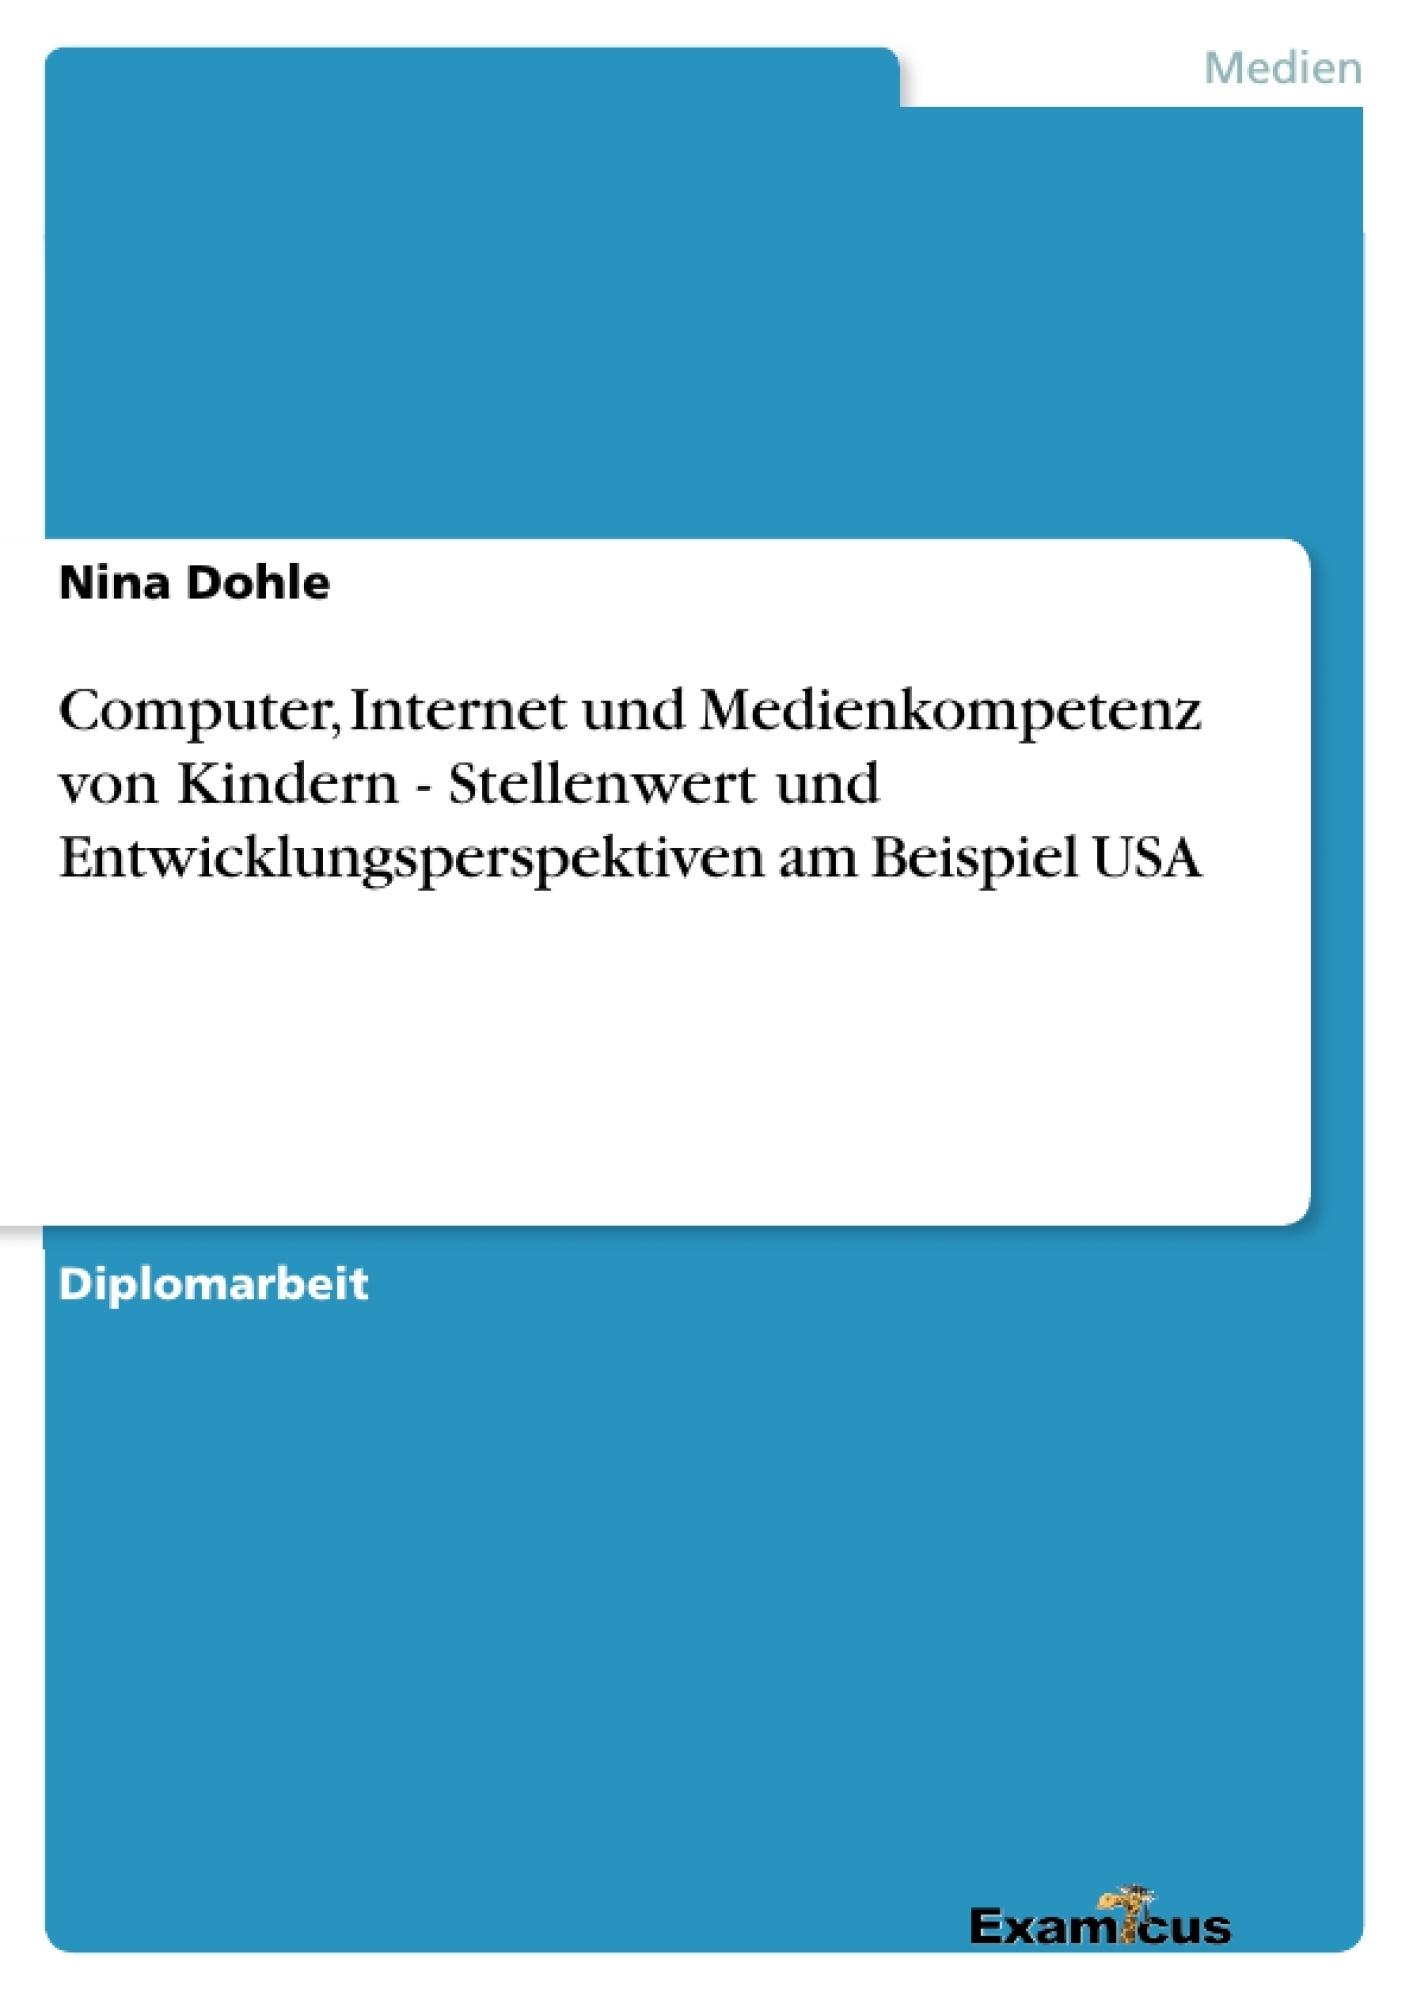 Titel: Computer, Internet und Medienkompetenz von Kindern - Stellenwert und Entwicklungsperspektiven am Beispiel USA